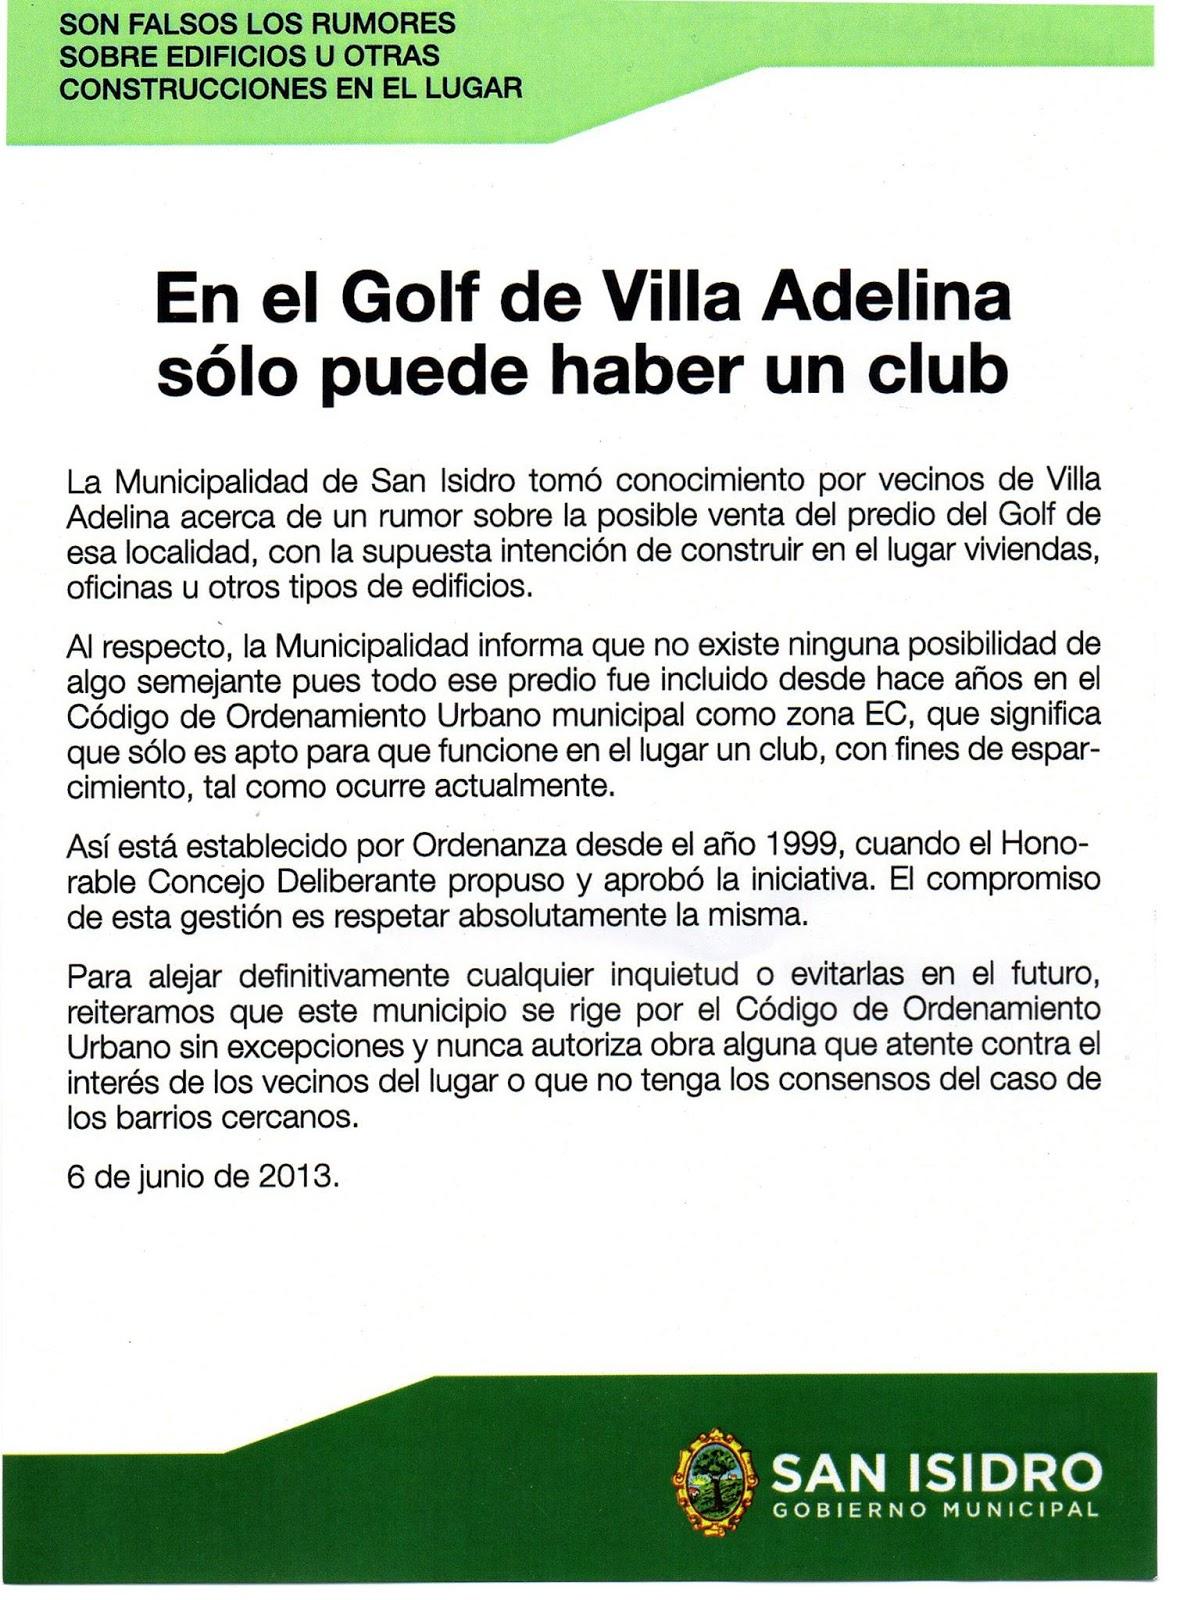 La Municipalidad de San Isidro desmiente la venta del Golf de Villa Adelina